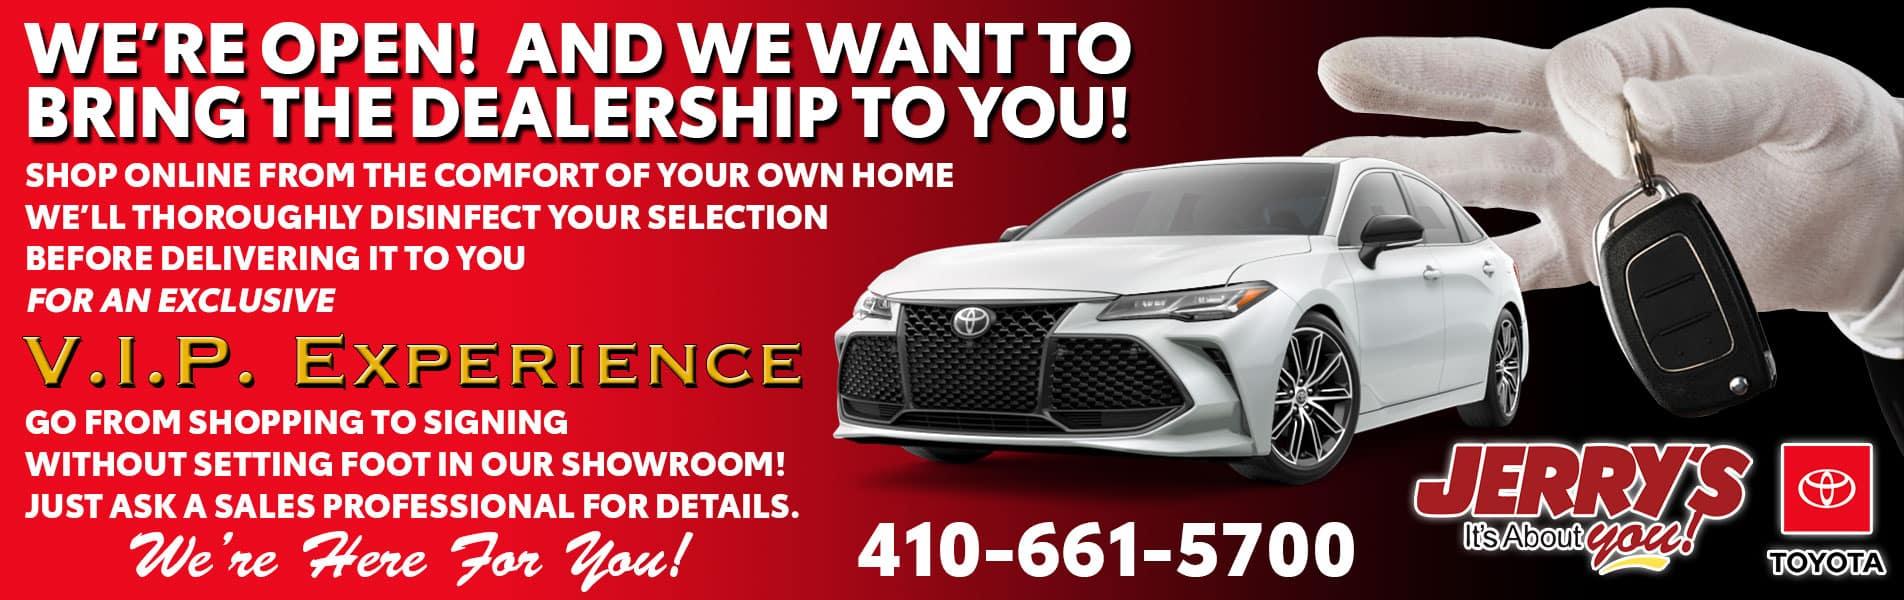 Jerry's Toyota now has concierge.